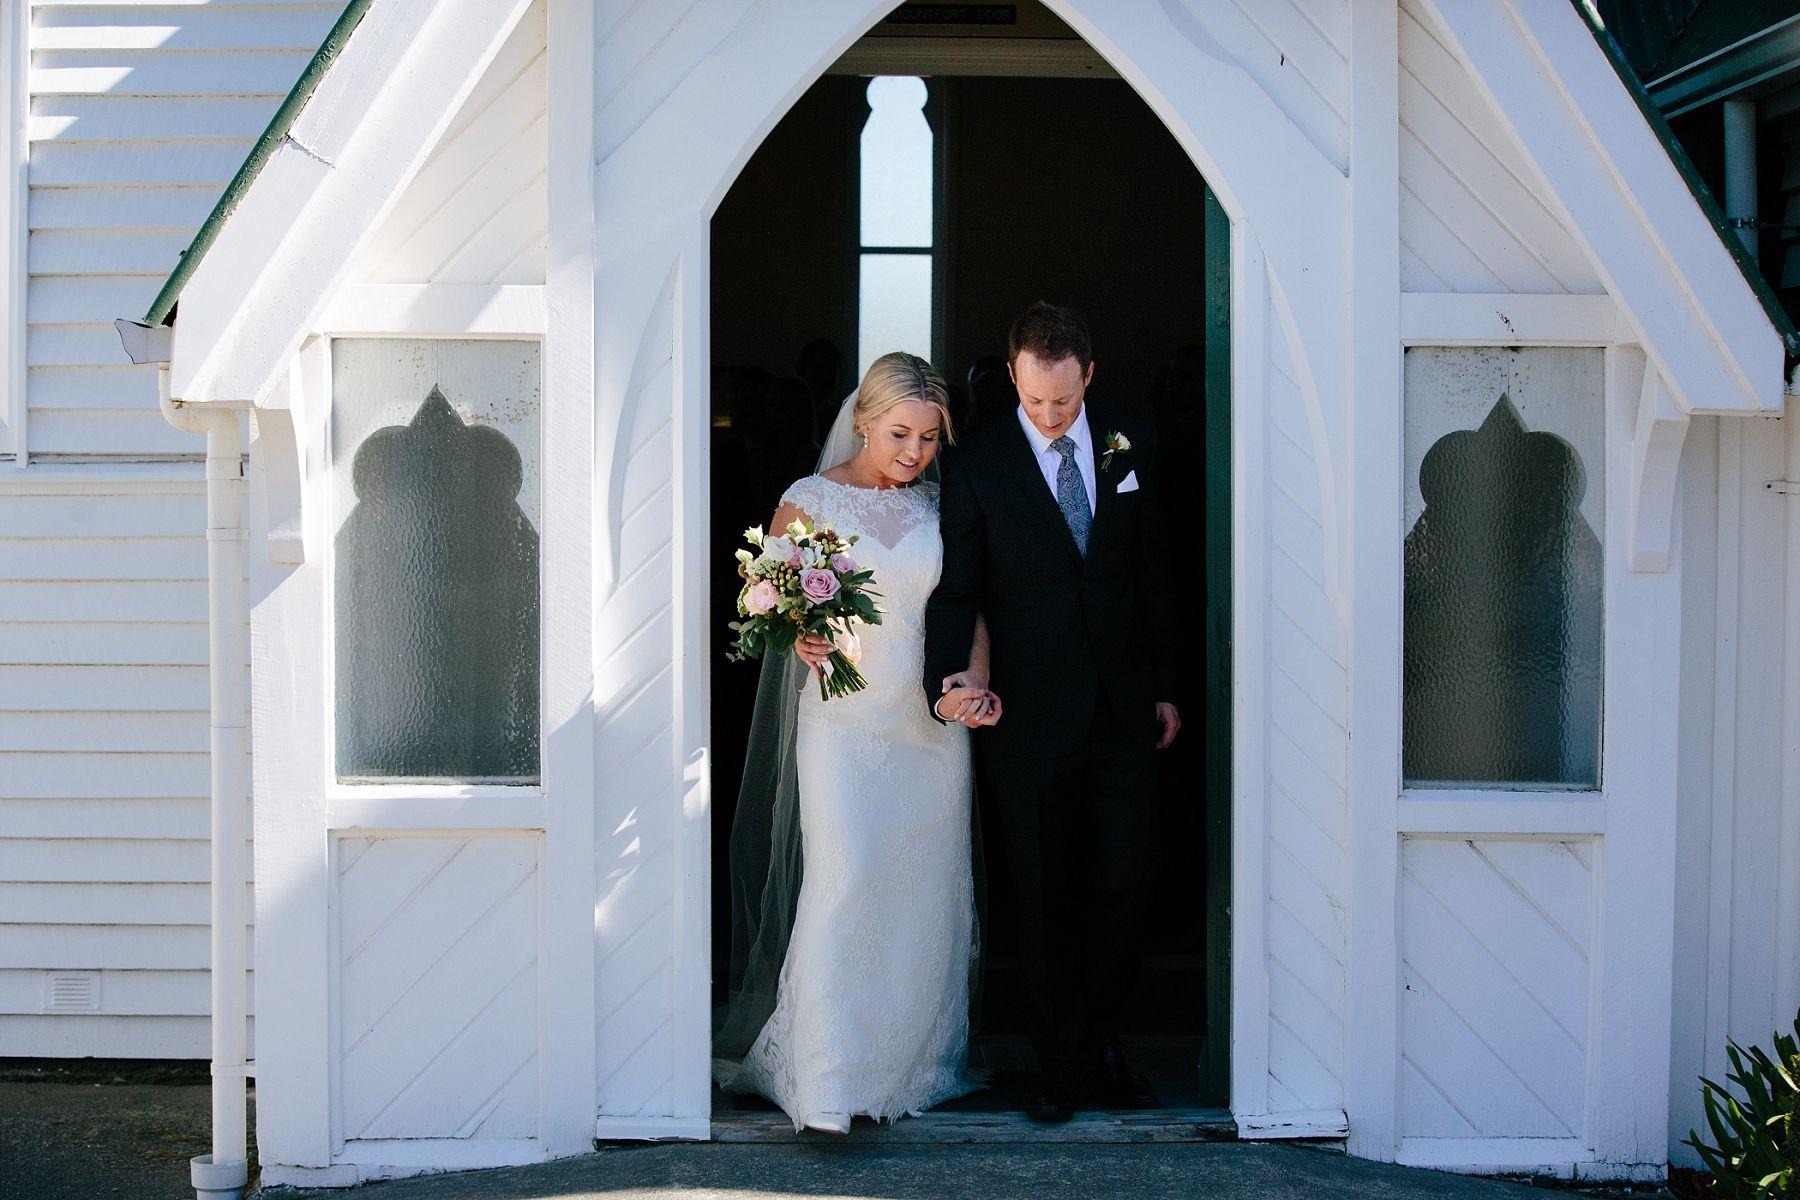 church wedding posy